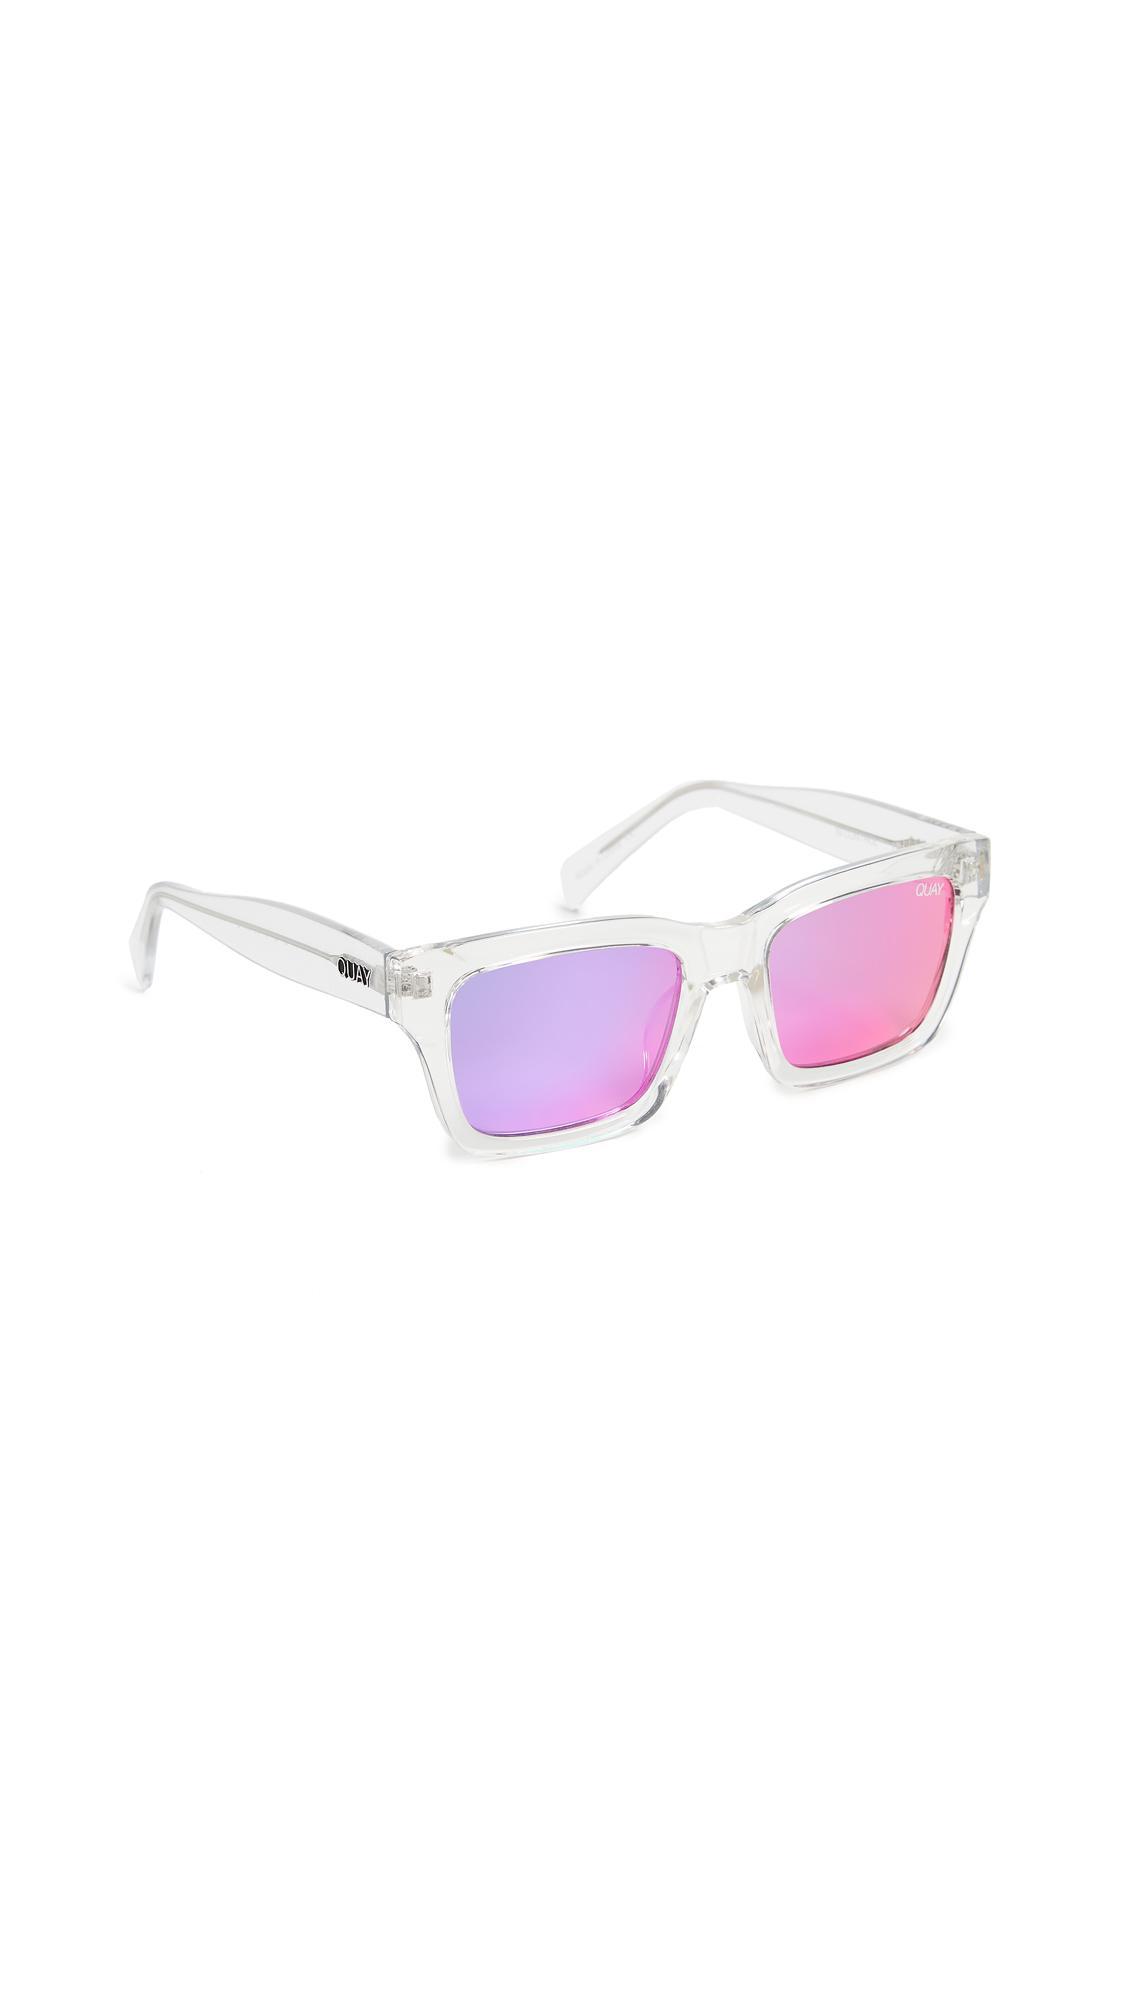 a4113d0cc25cf Quay - Multicolor In Control Sunglasses - Lyst. View fullscreen